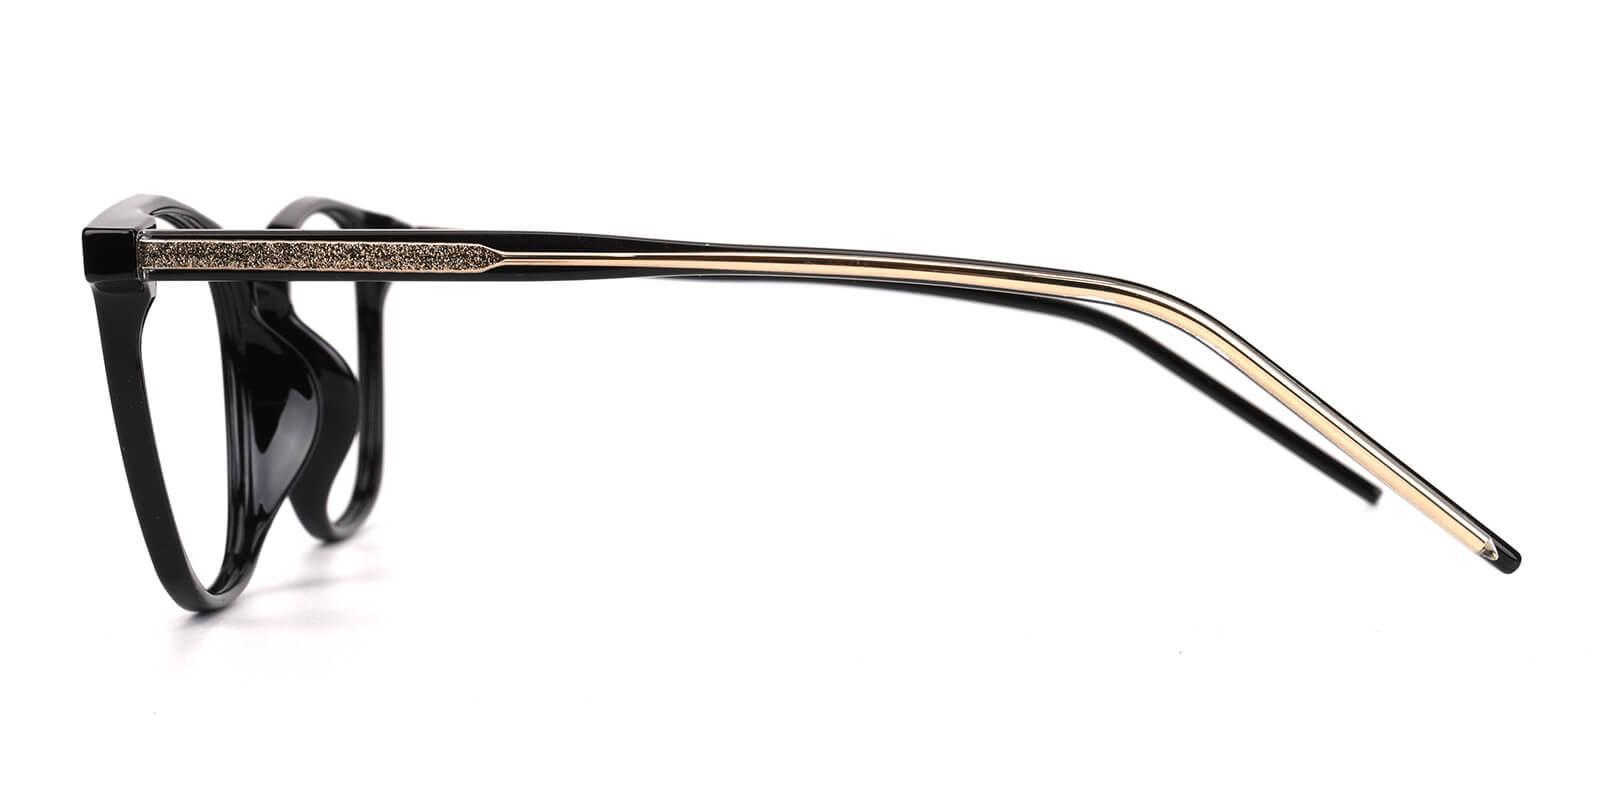 Linking-Black-Round-Acetate-Eyeglasses-additional3